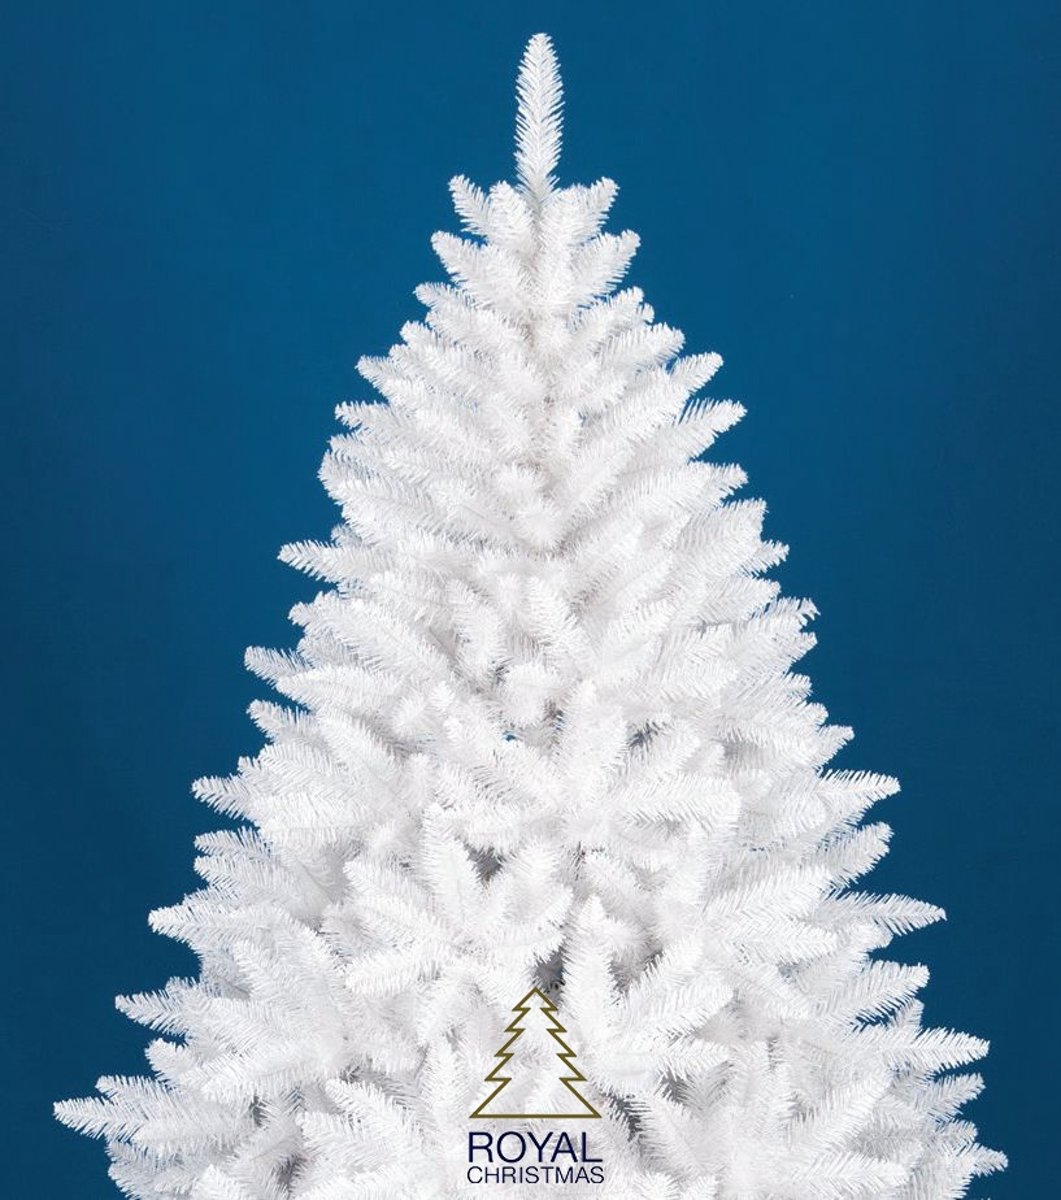 bol.com | Kunst Kerstboom Washington Promo - Hoogte 180 cm - Kleur ...